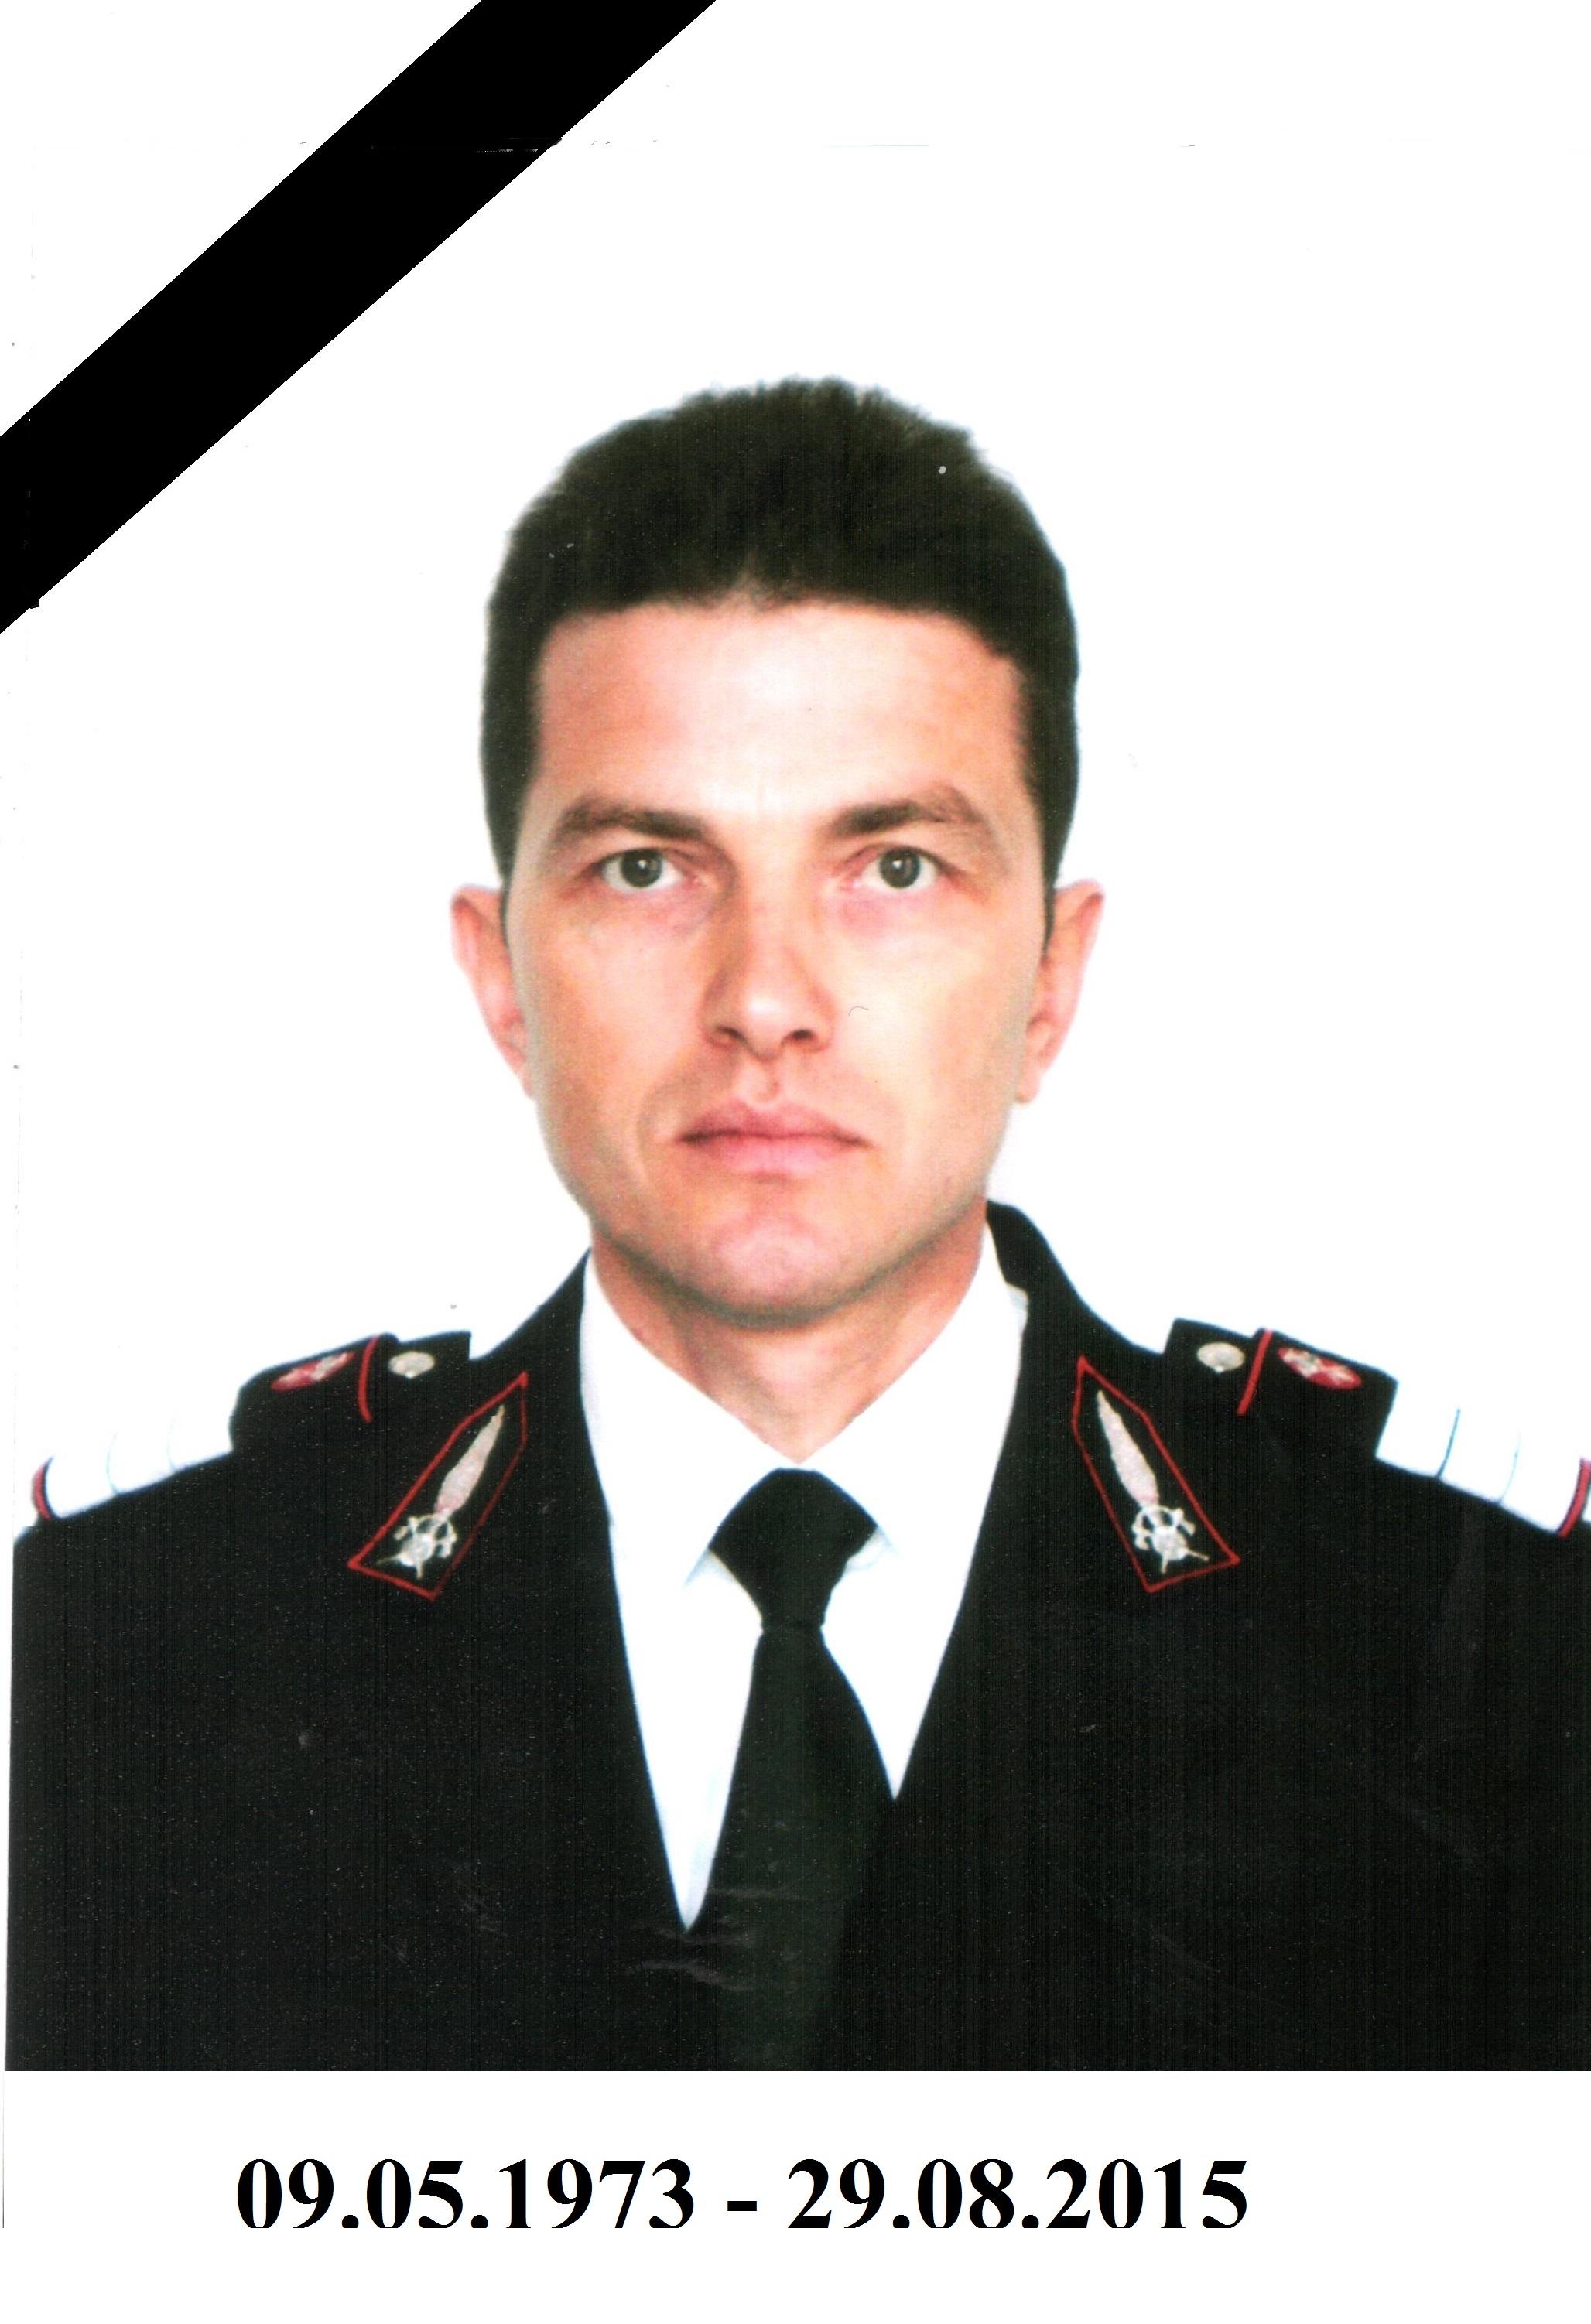 Plutonier adjutant Fripis Daniel Marius